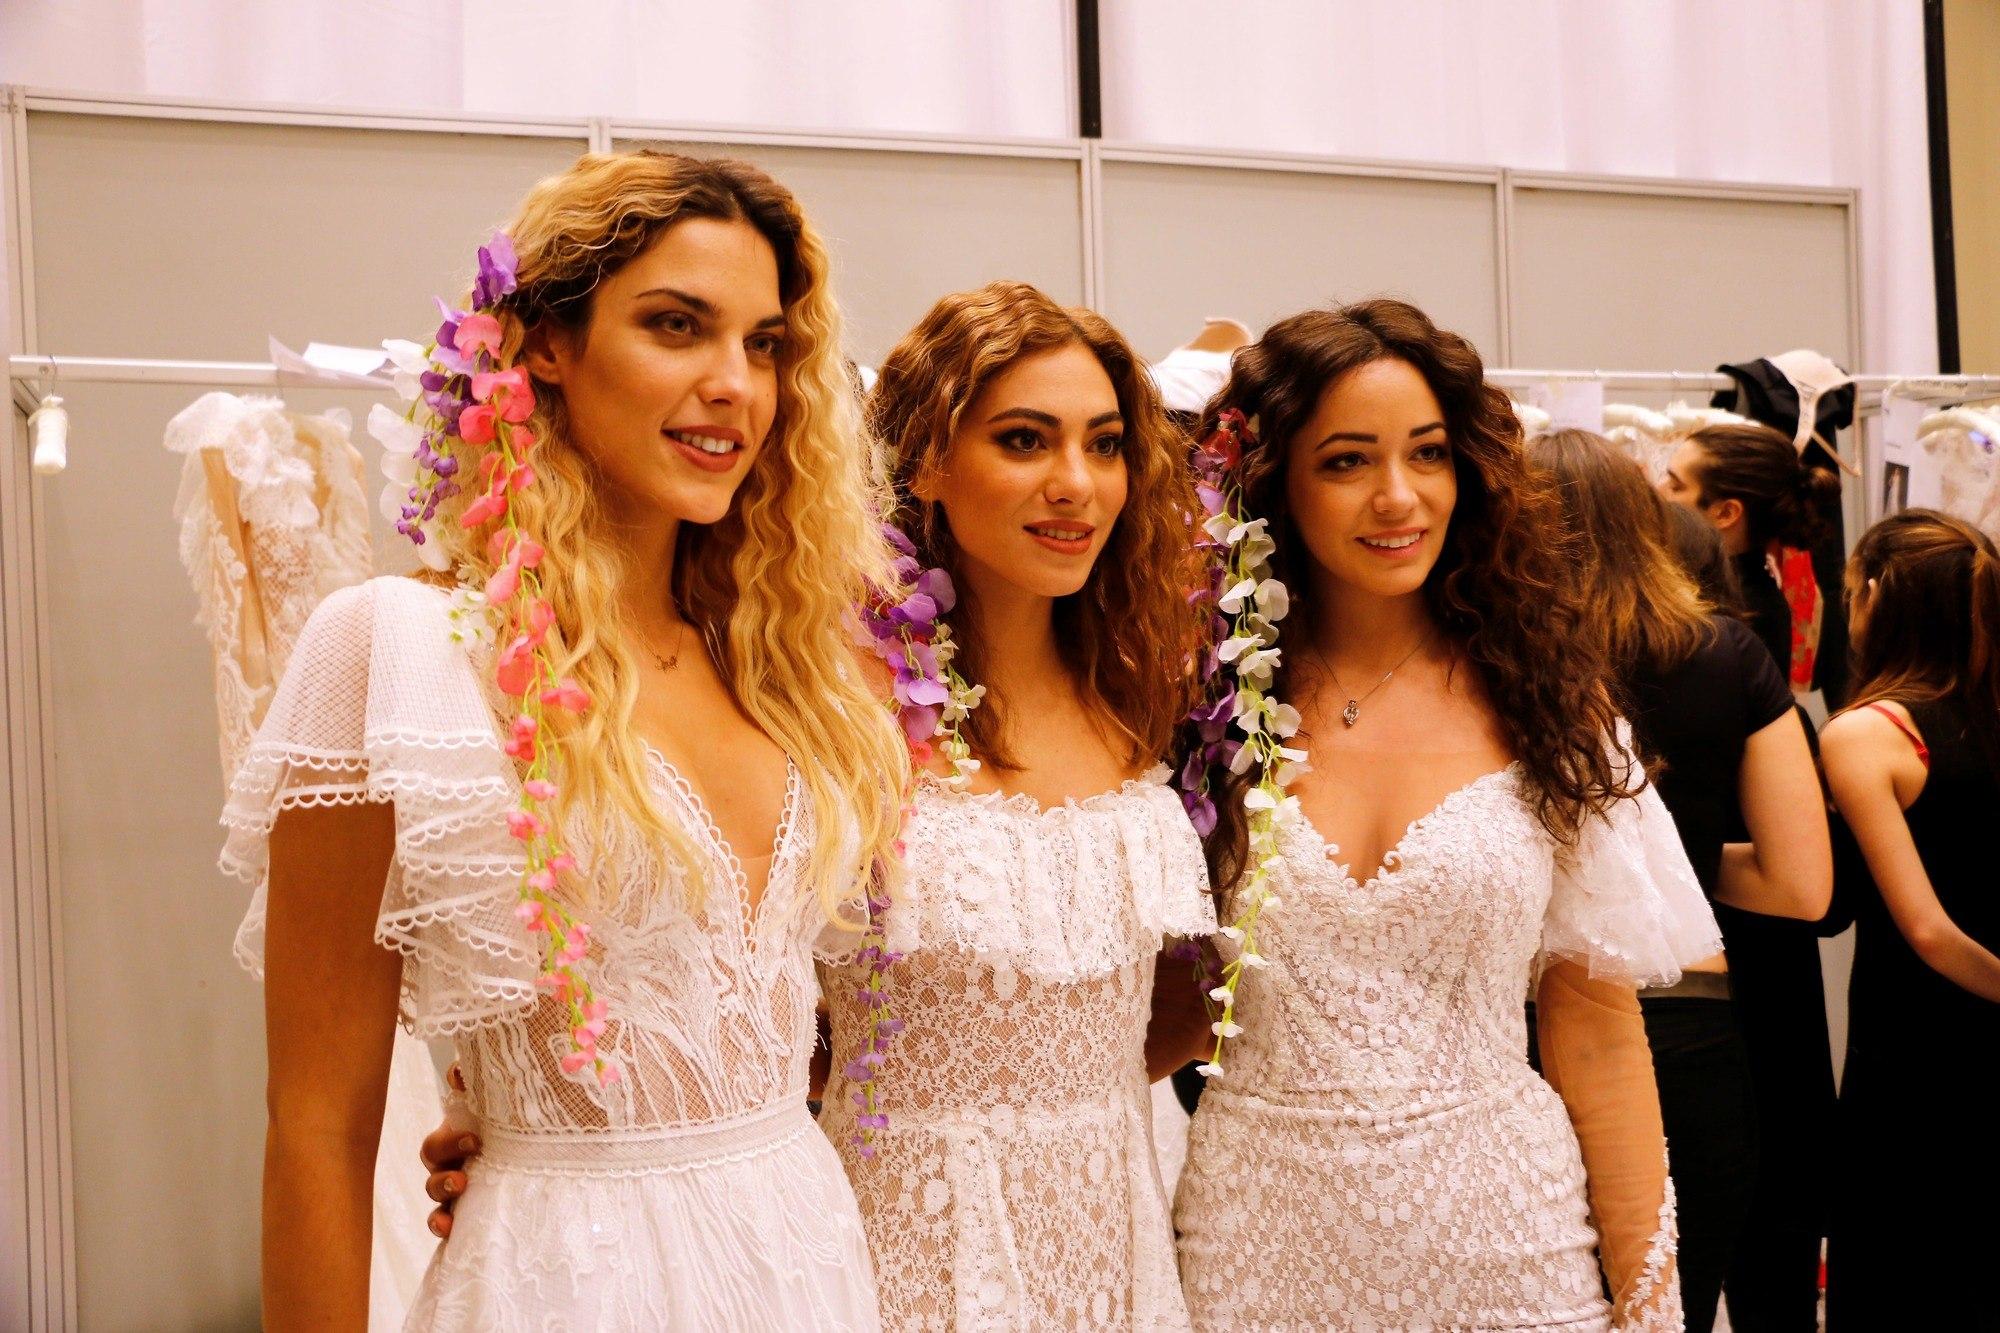 Coiffures d'invitées de mariage : Gros plan de trois femmes aux cheveux de plage bouclés et lâchés, portant du blanc et des fleurs dans les cheveux.